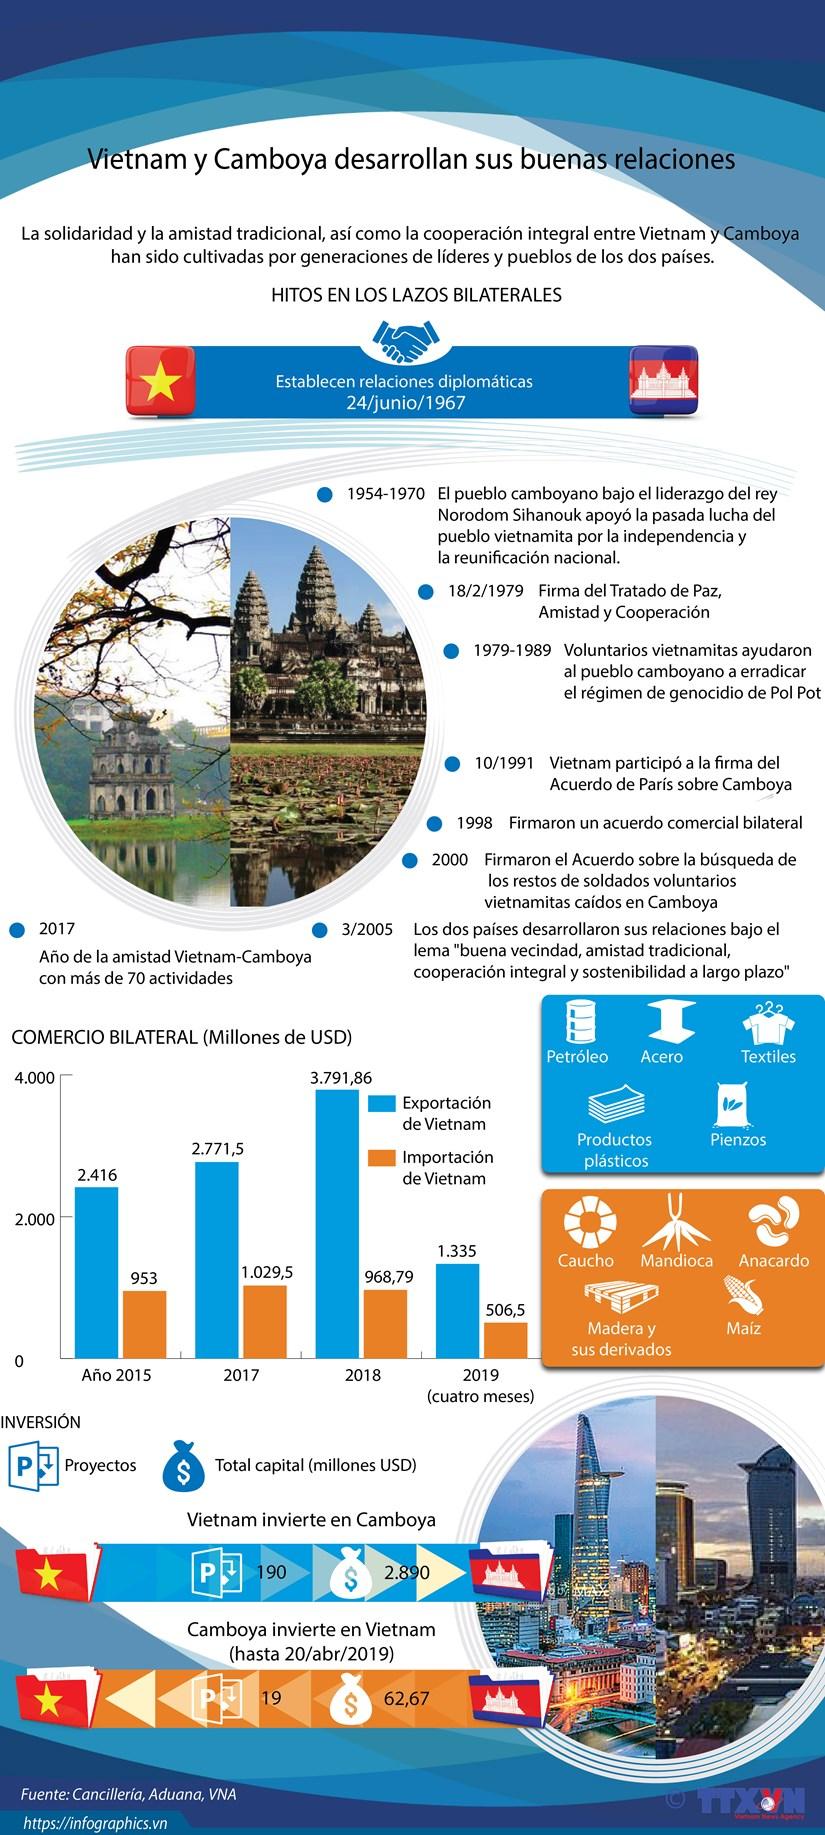 [Info] Vietnam y Camboya desarrollan sus buenas relaciones hinh anh 1